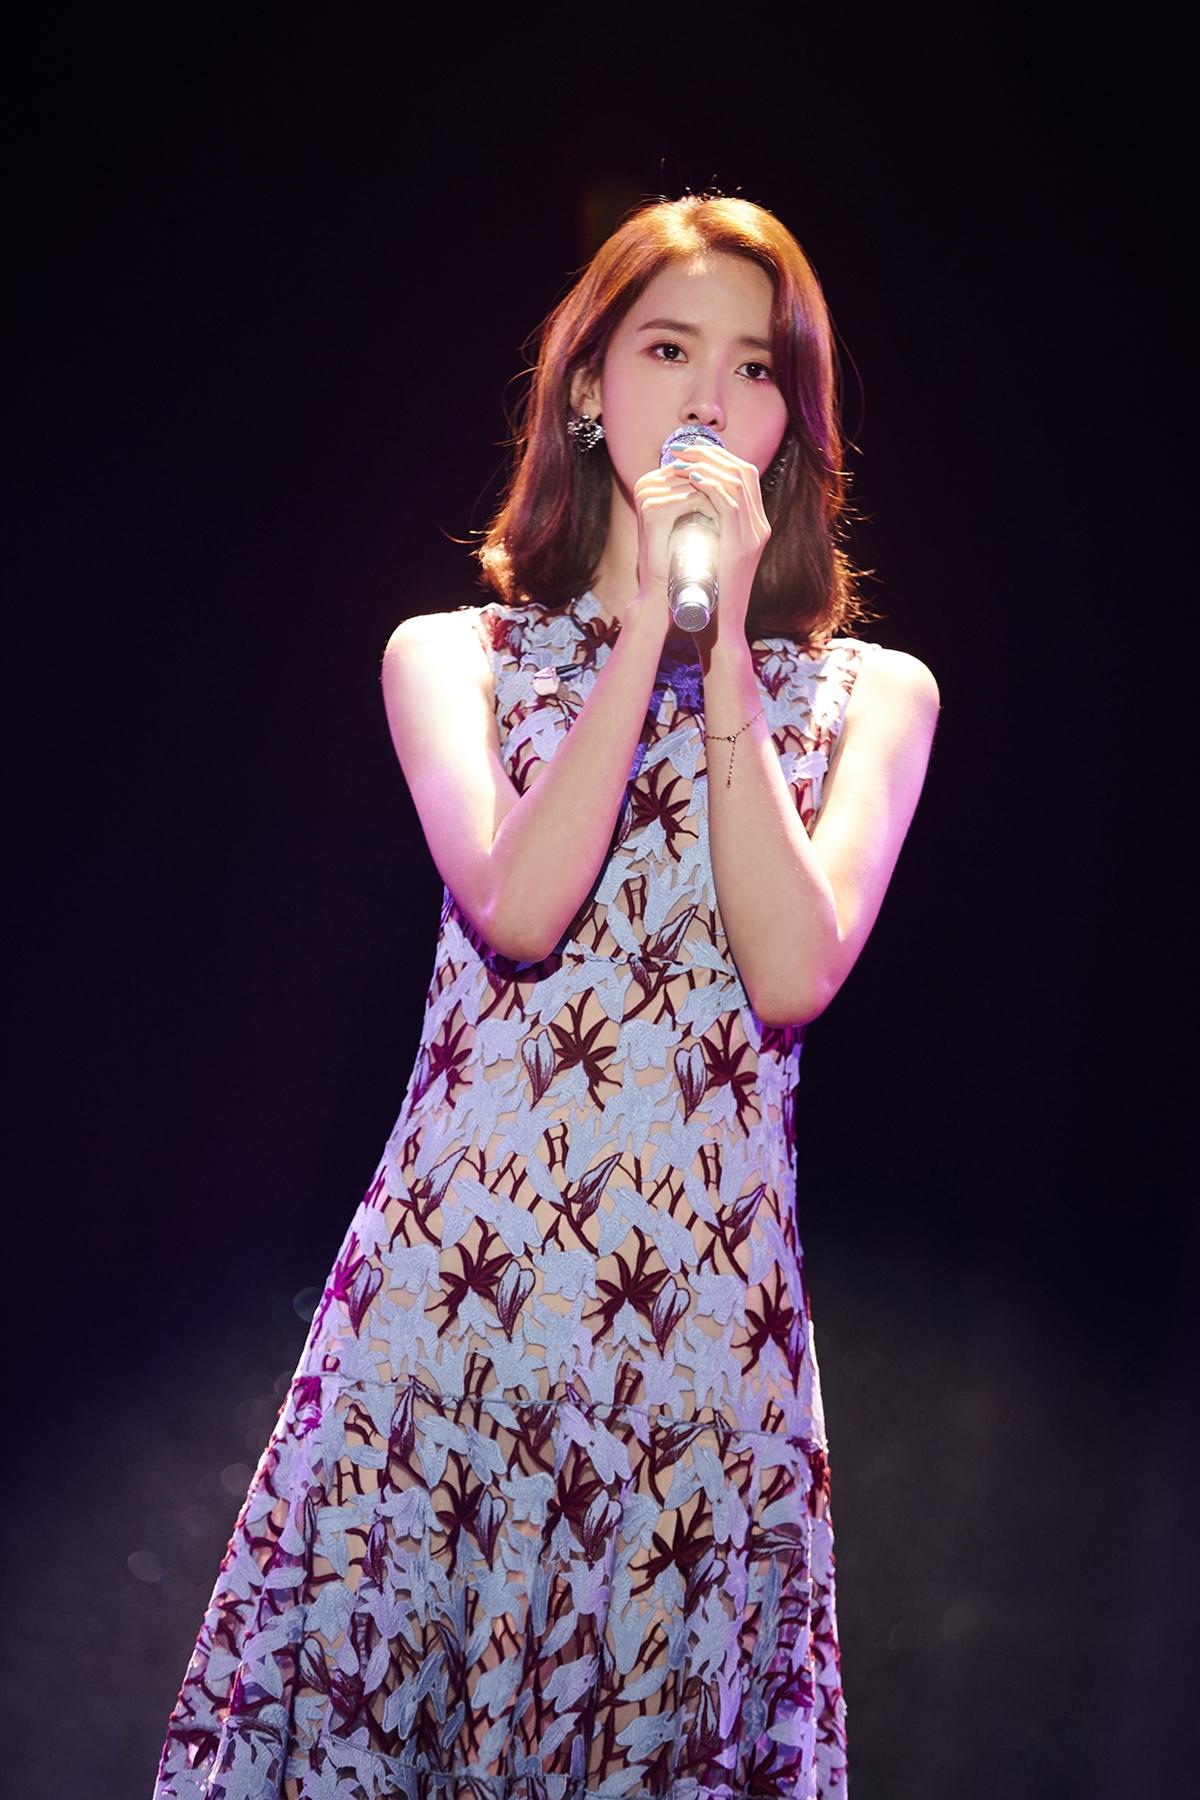 亚洲女神允儿 巡回歌迷见面会泰国场盛况空前